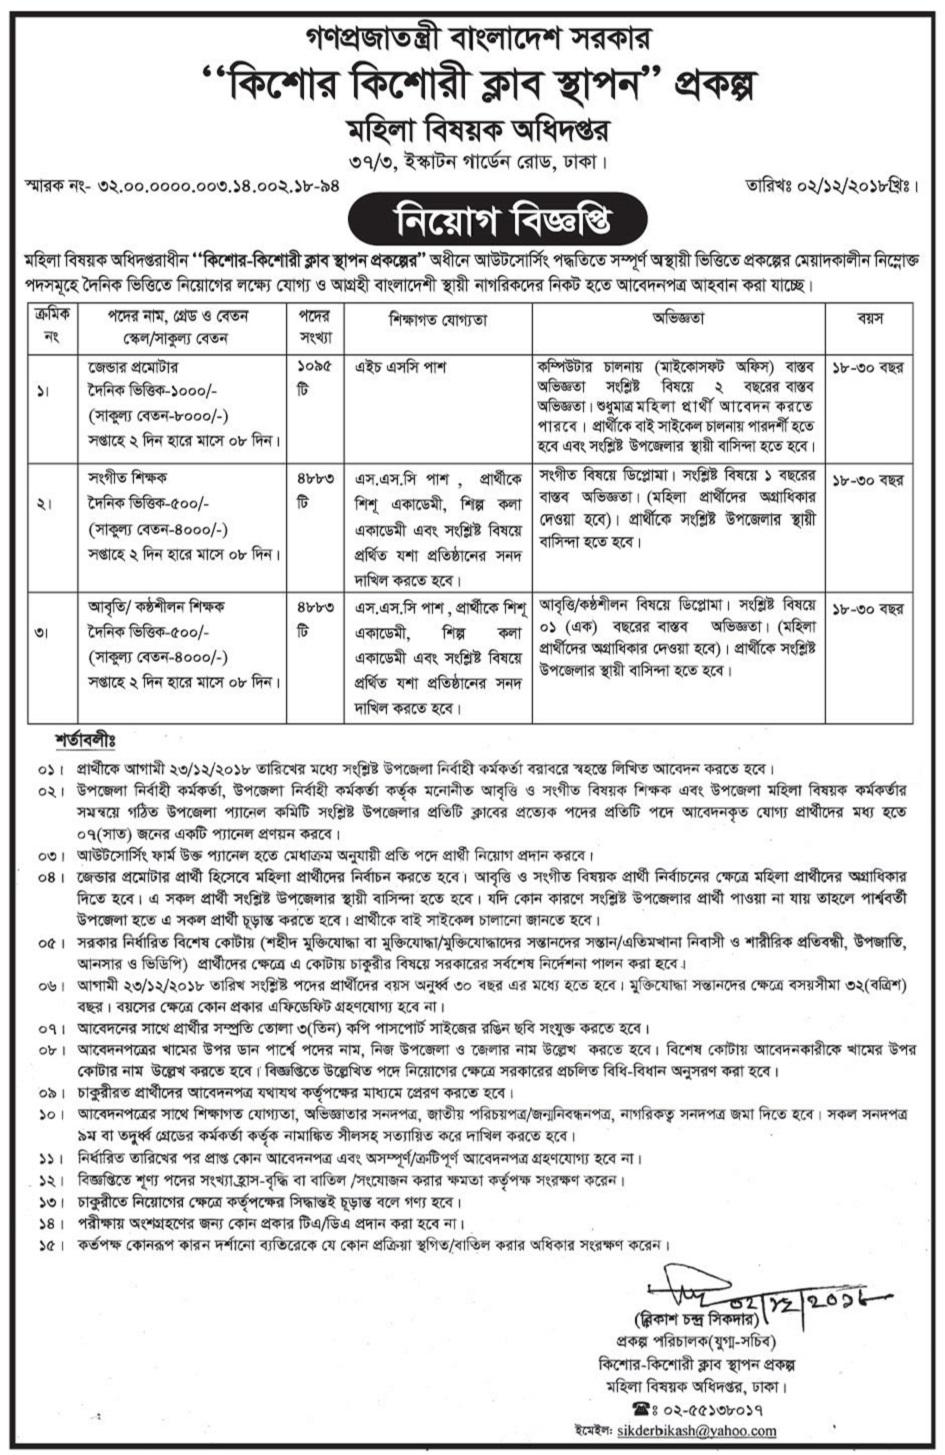 bd job news bangla